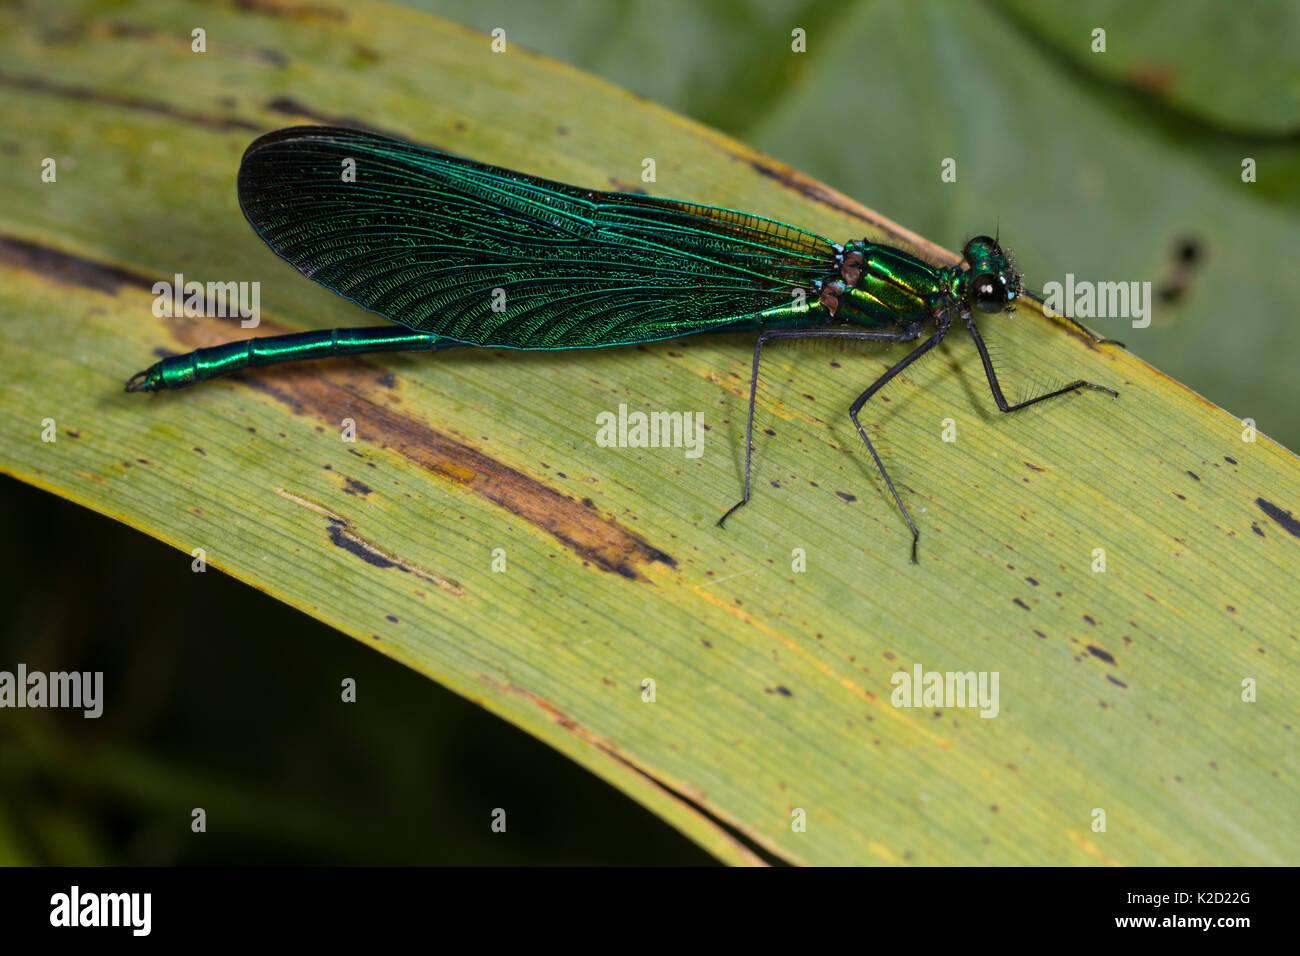 Mâle mature Belle demoiselle Calopteryx virgo, demoiselle, montrant iridiscent coloration bleu-vert sur le corps et les ailes Photo Stock